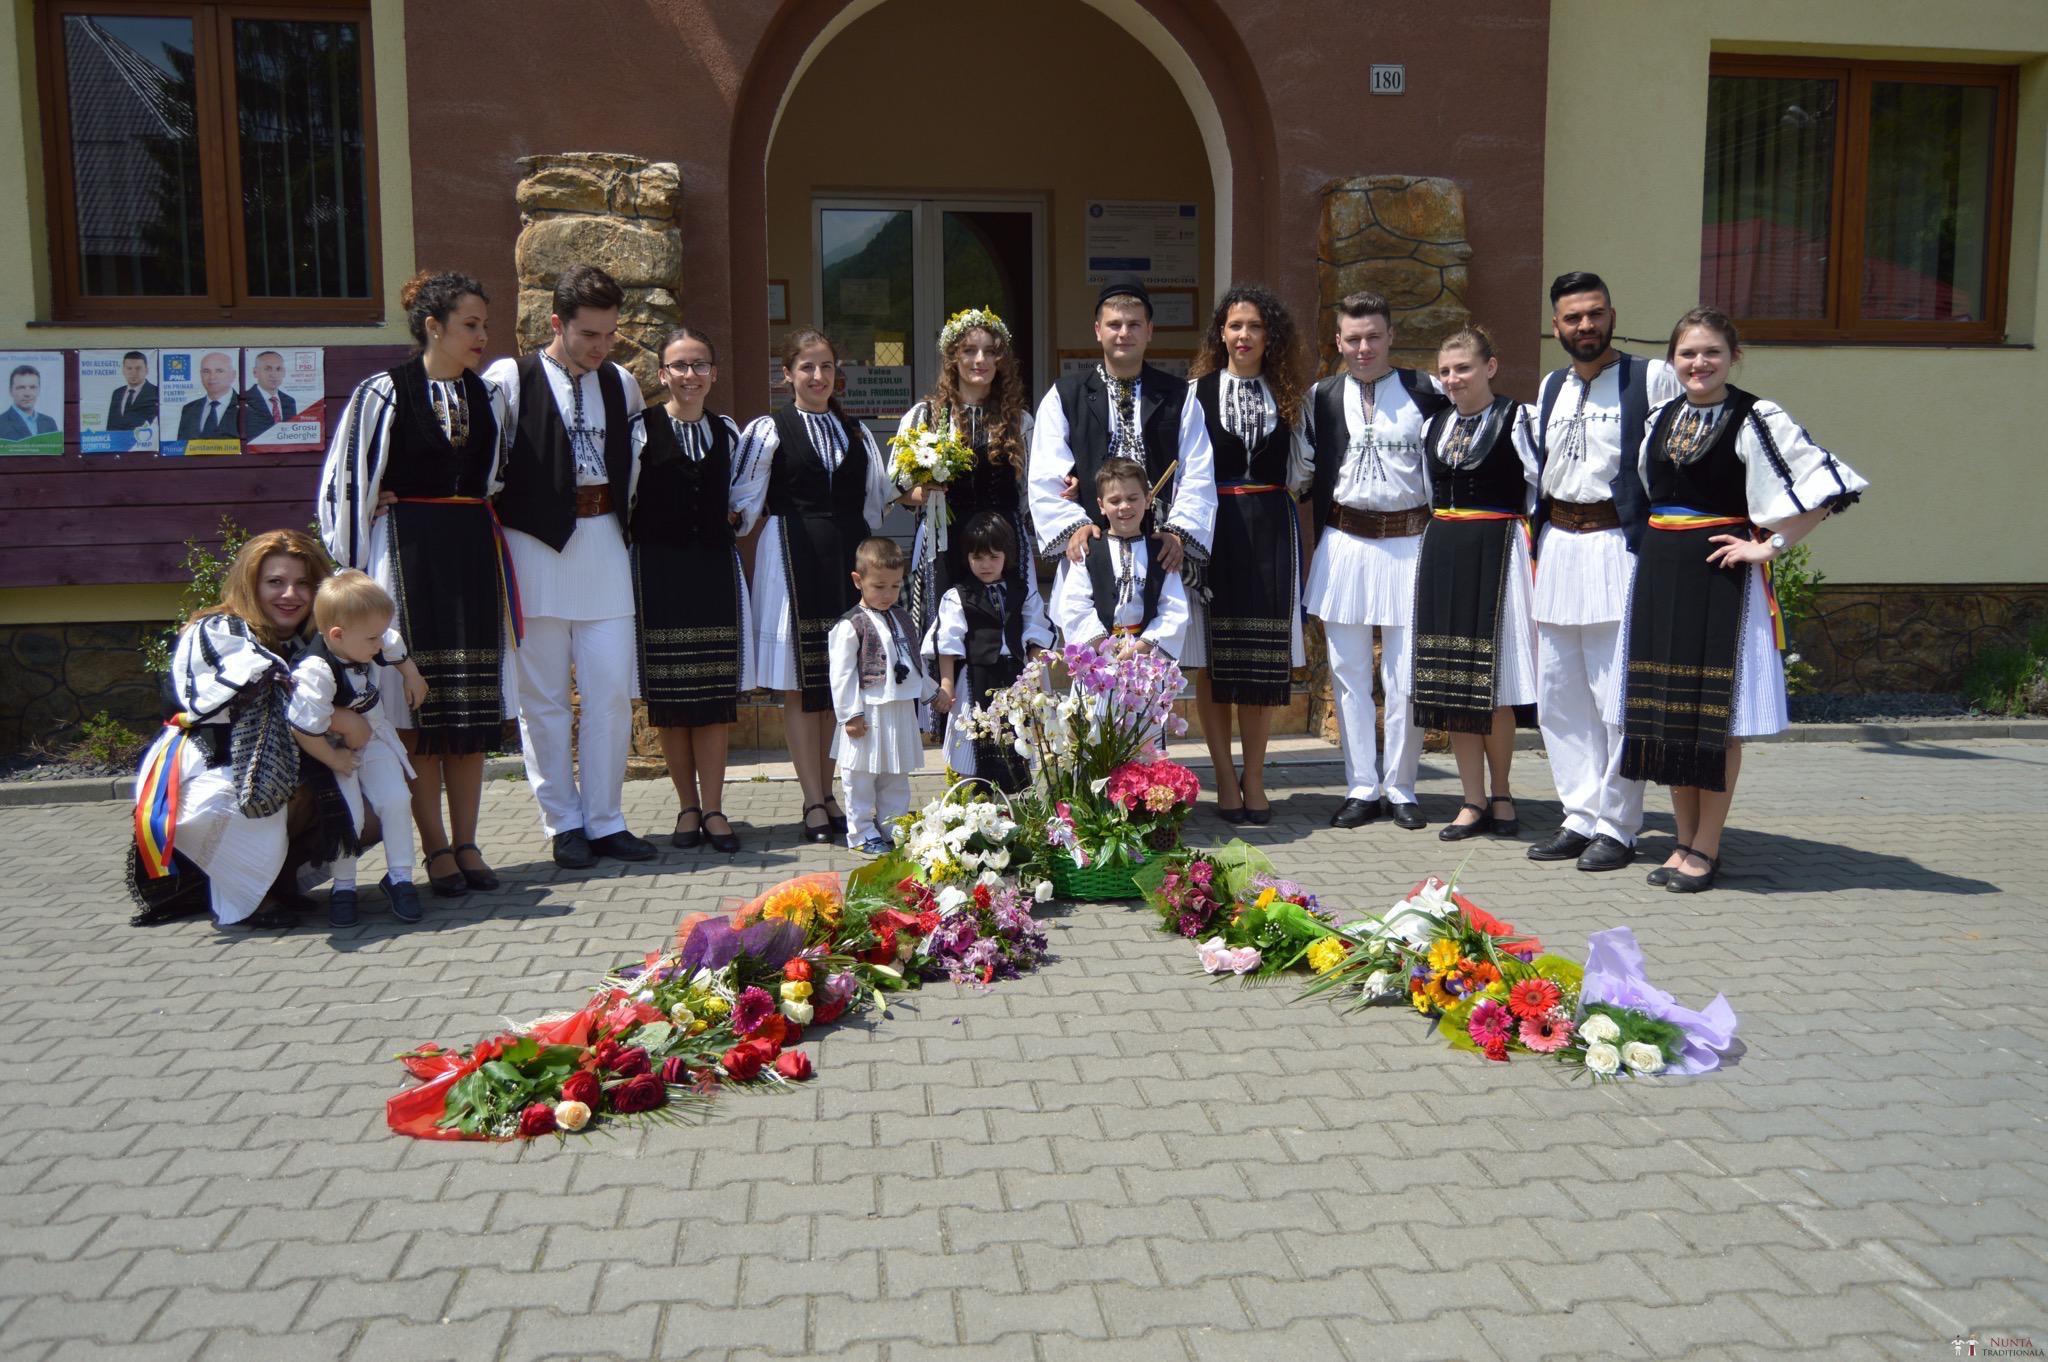 Povești Nunți Tradiționale - Constantin și Simona-Marilena. Nuntă tradițională în Căpâlna, Alba 23